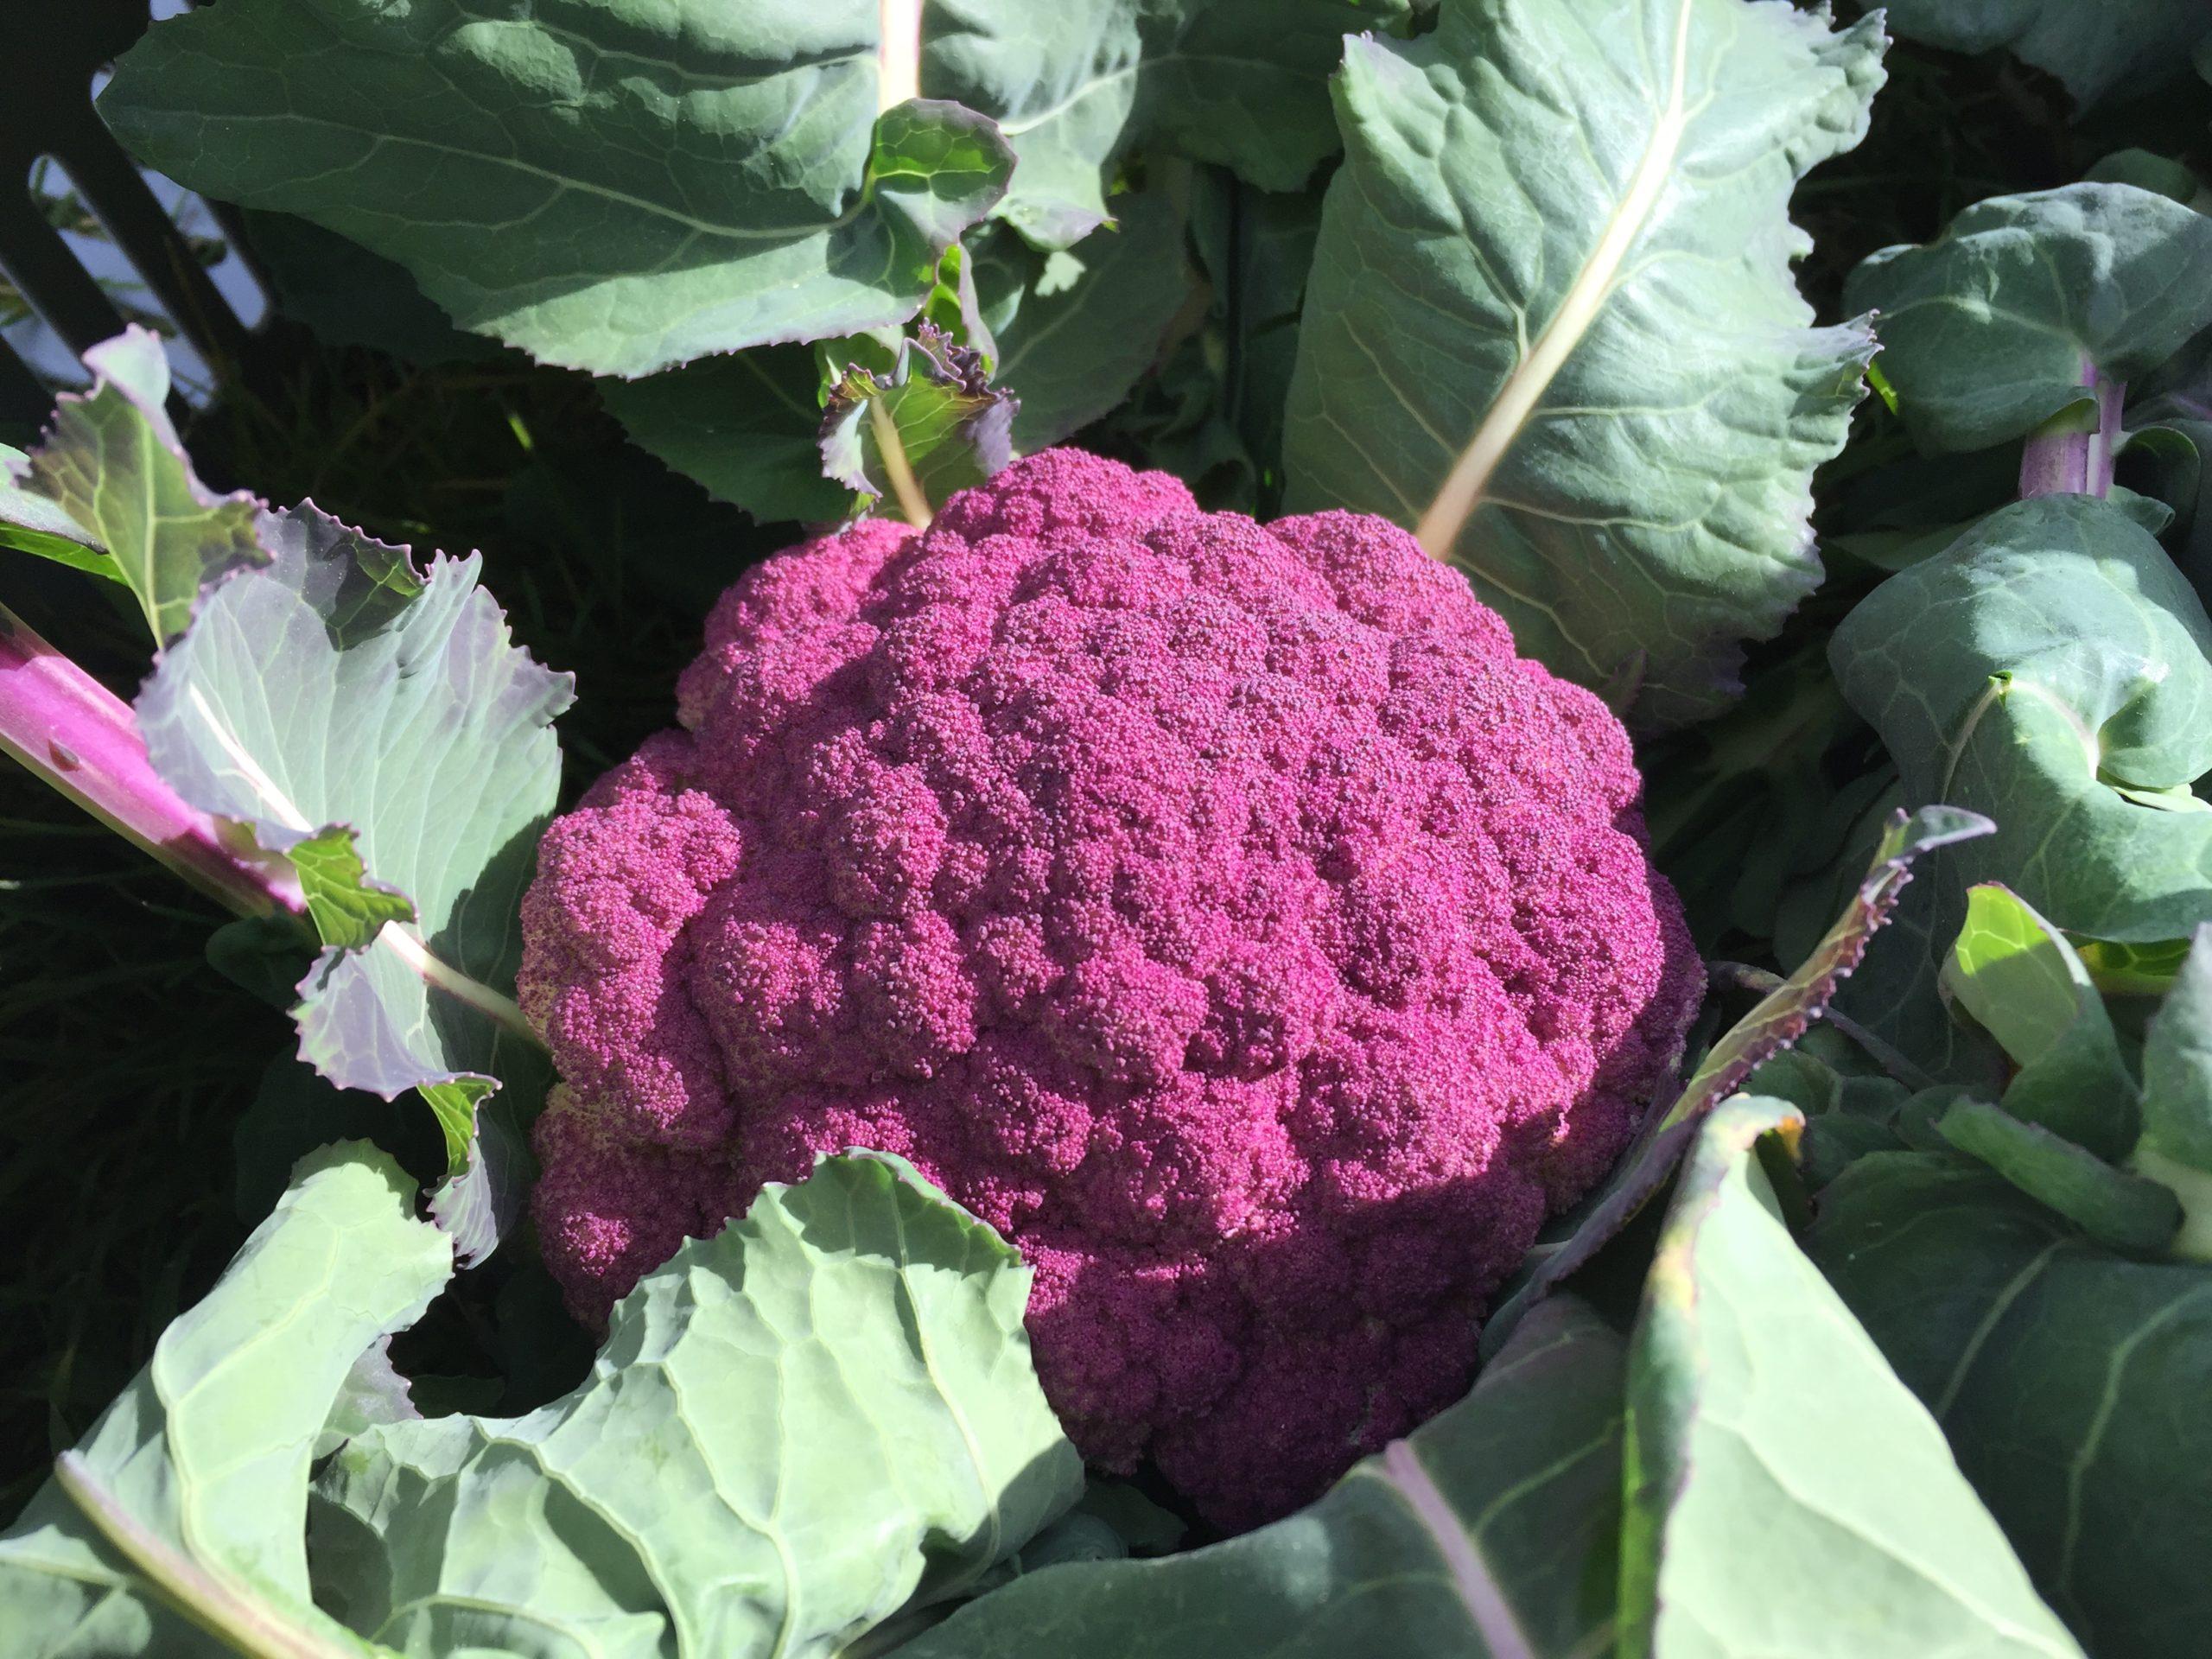 Violet Cauliflower